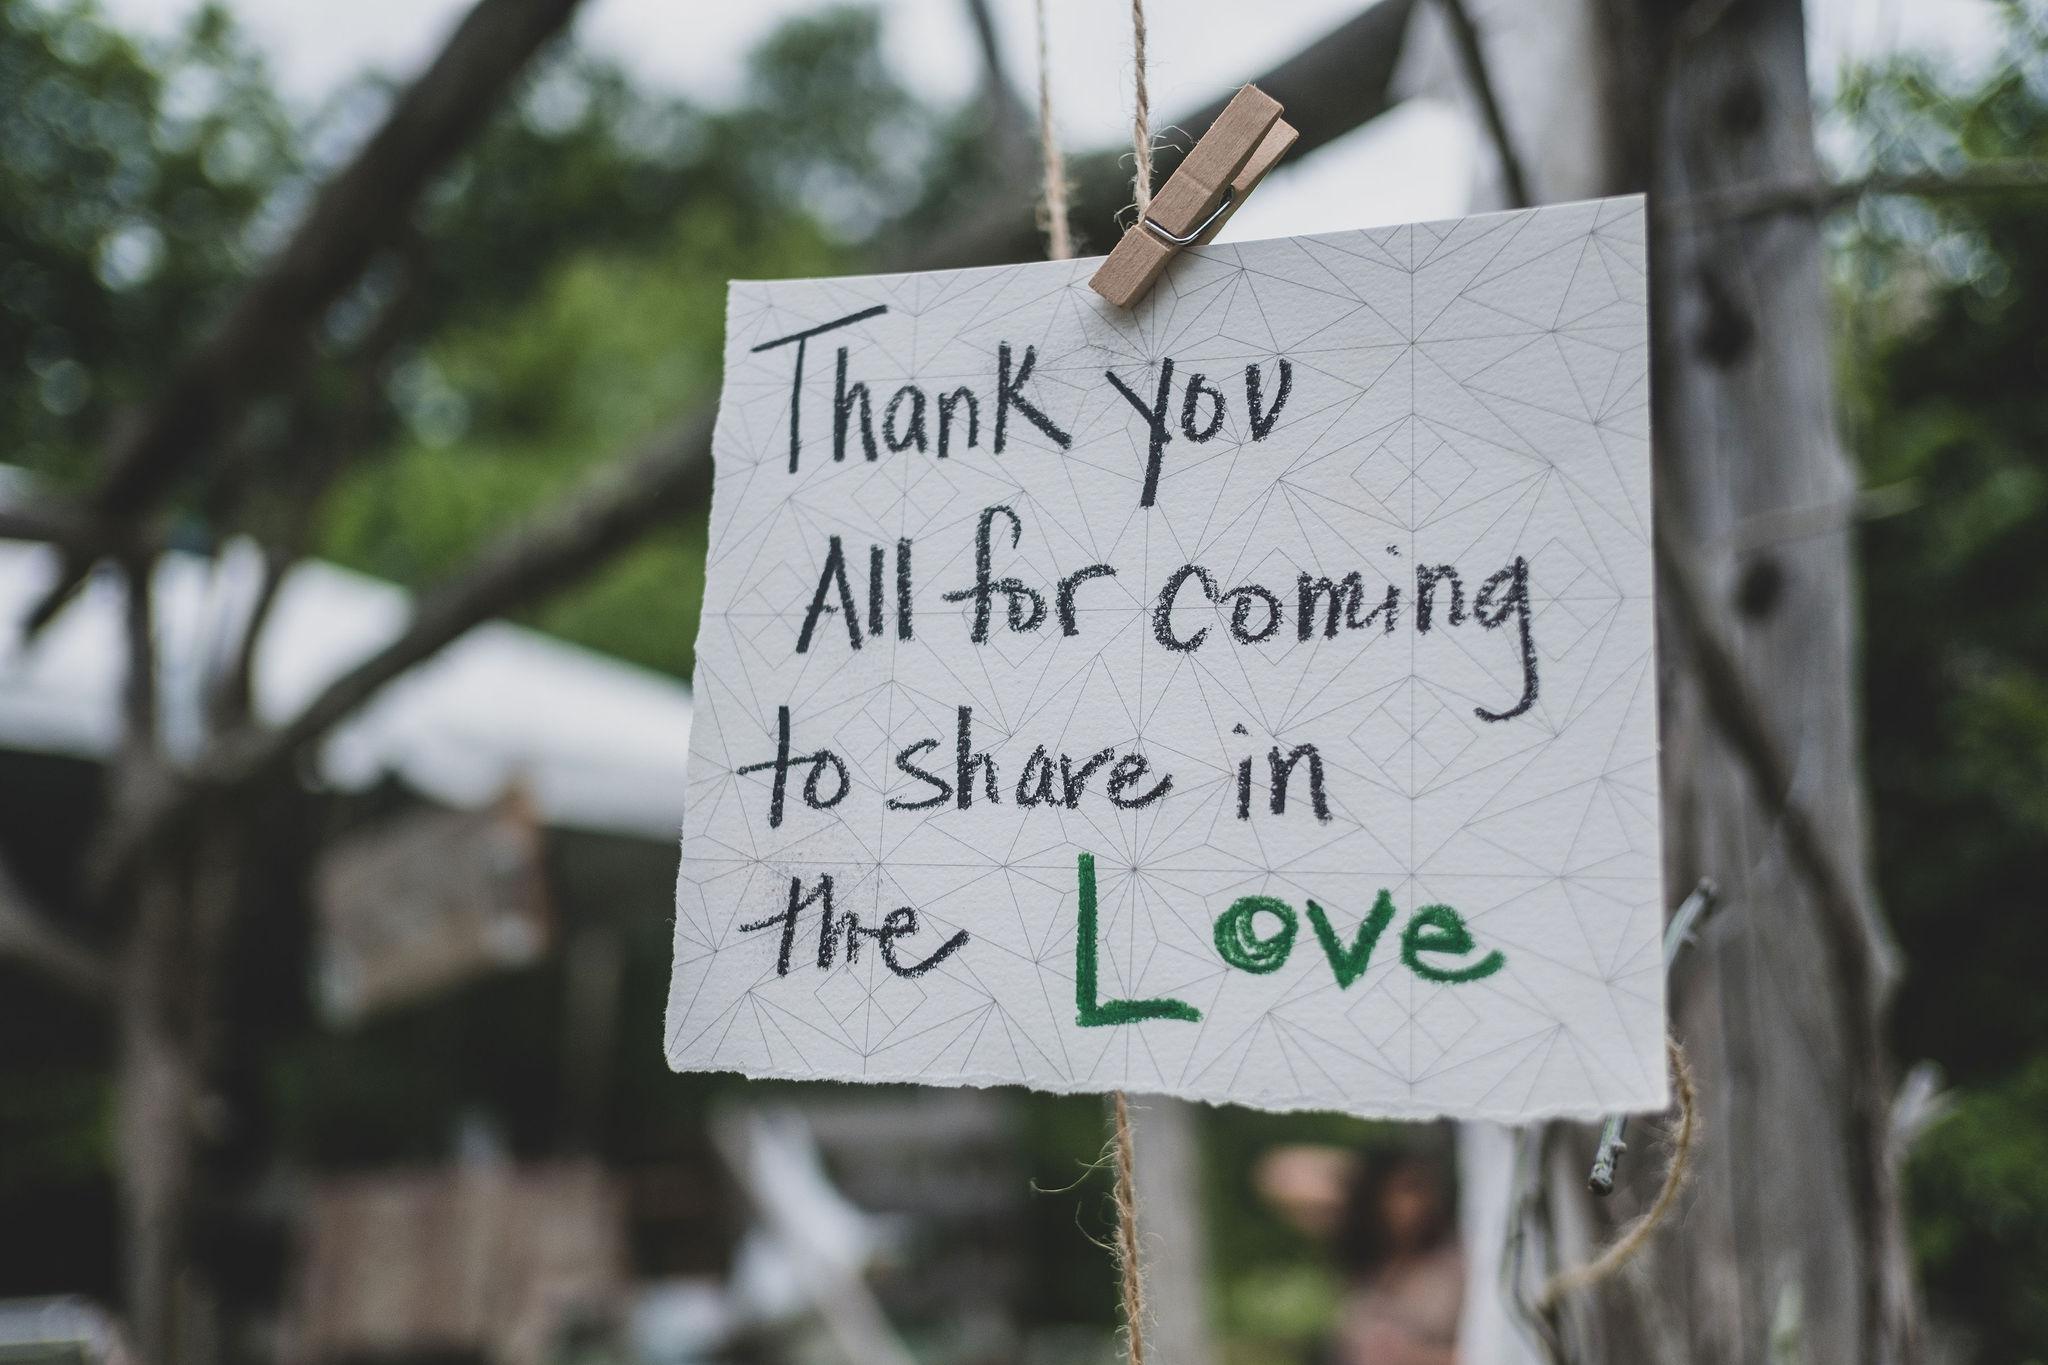 Love_is_in_the_details_ DSCF1321.jpg